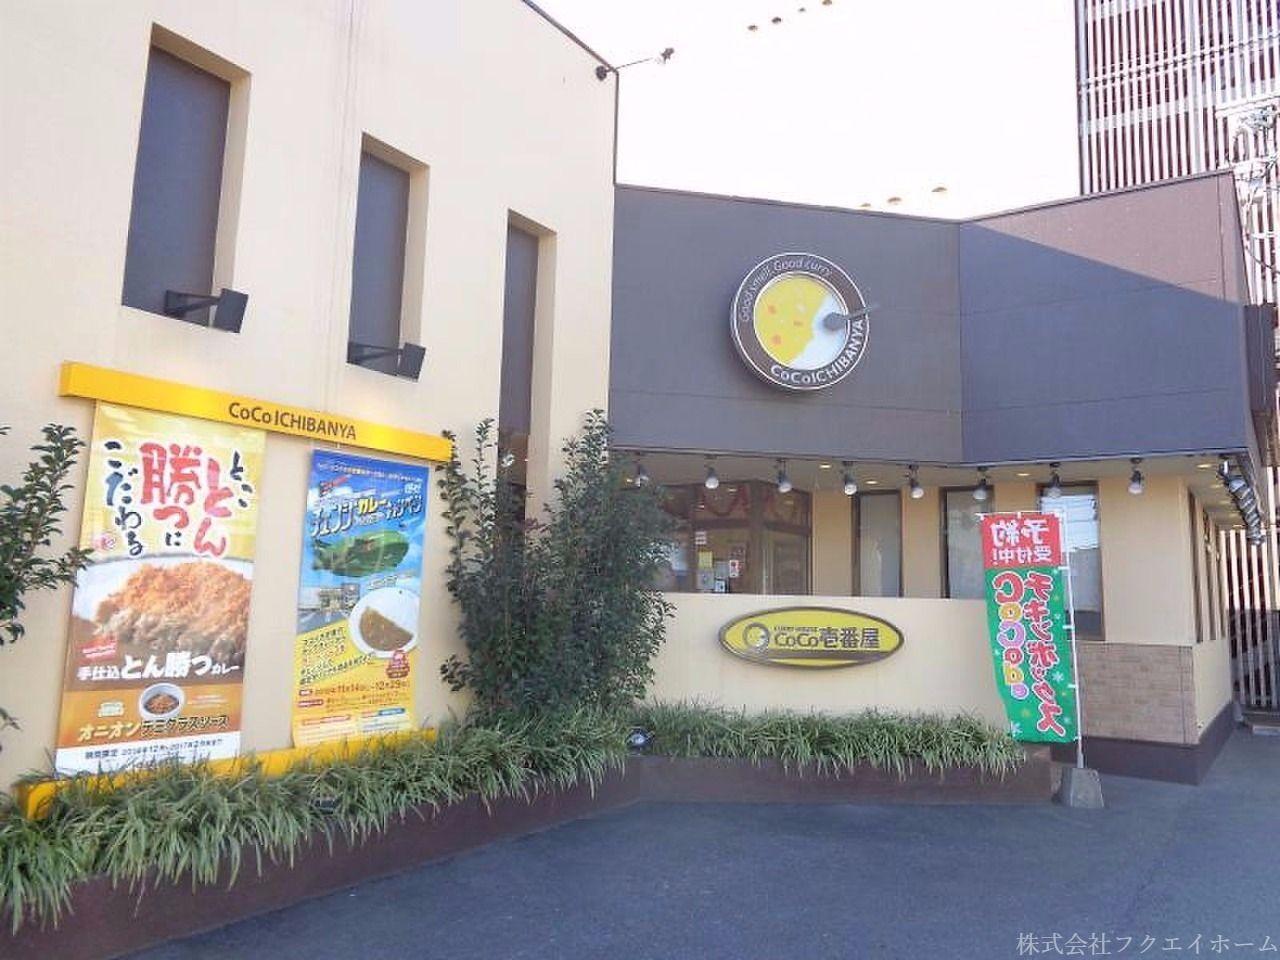 CoCo壱番屋福岡南バイパス店まで歩いて11分です